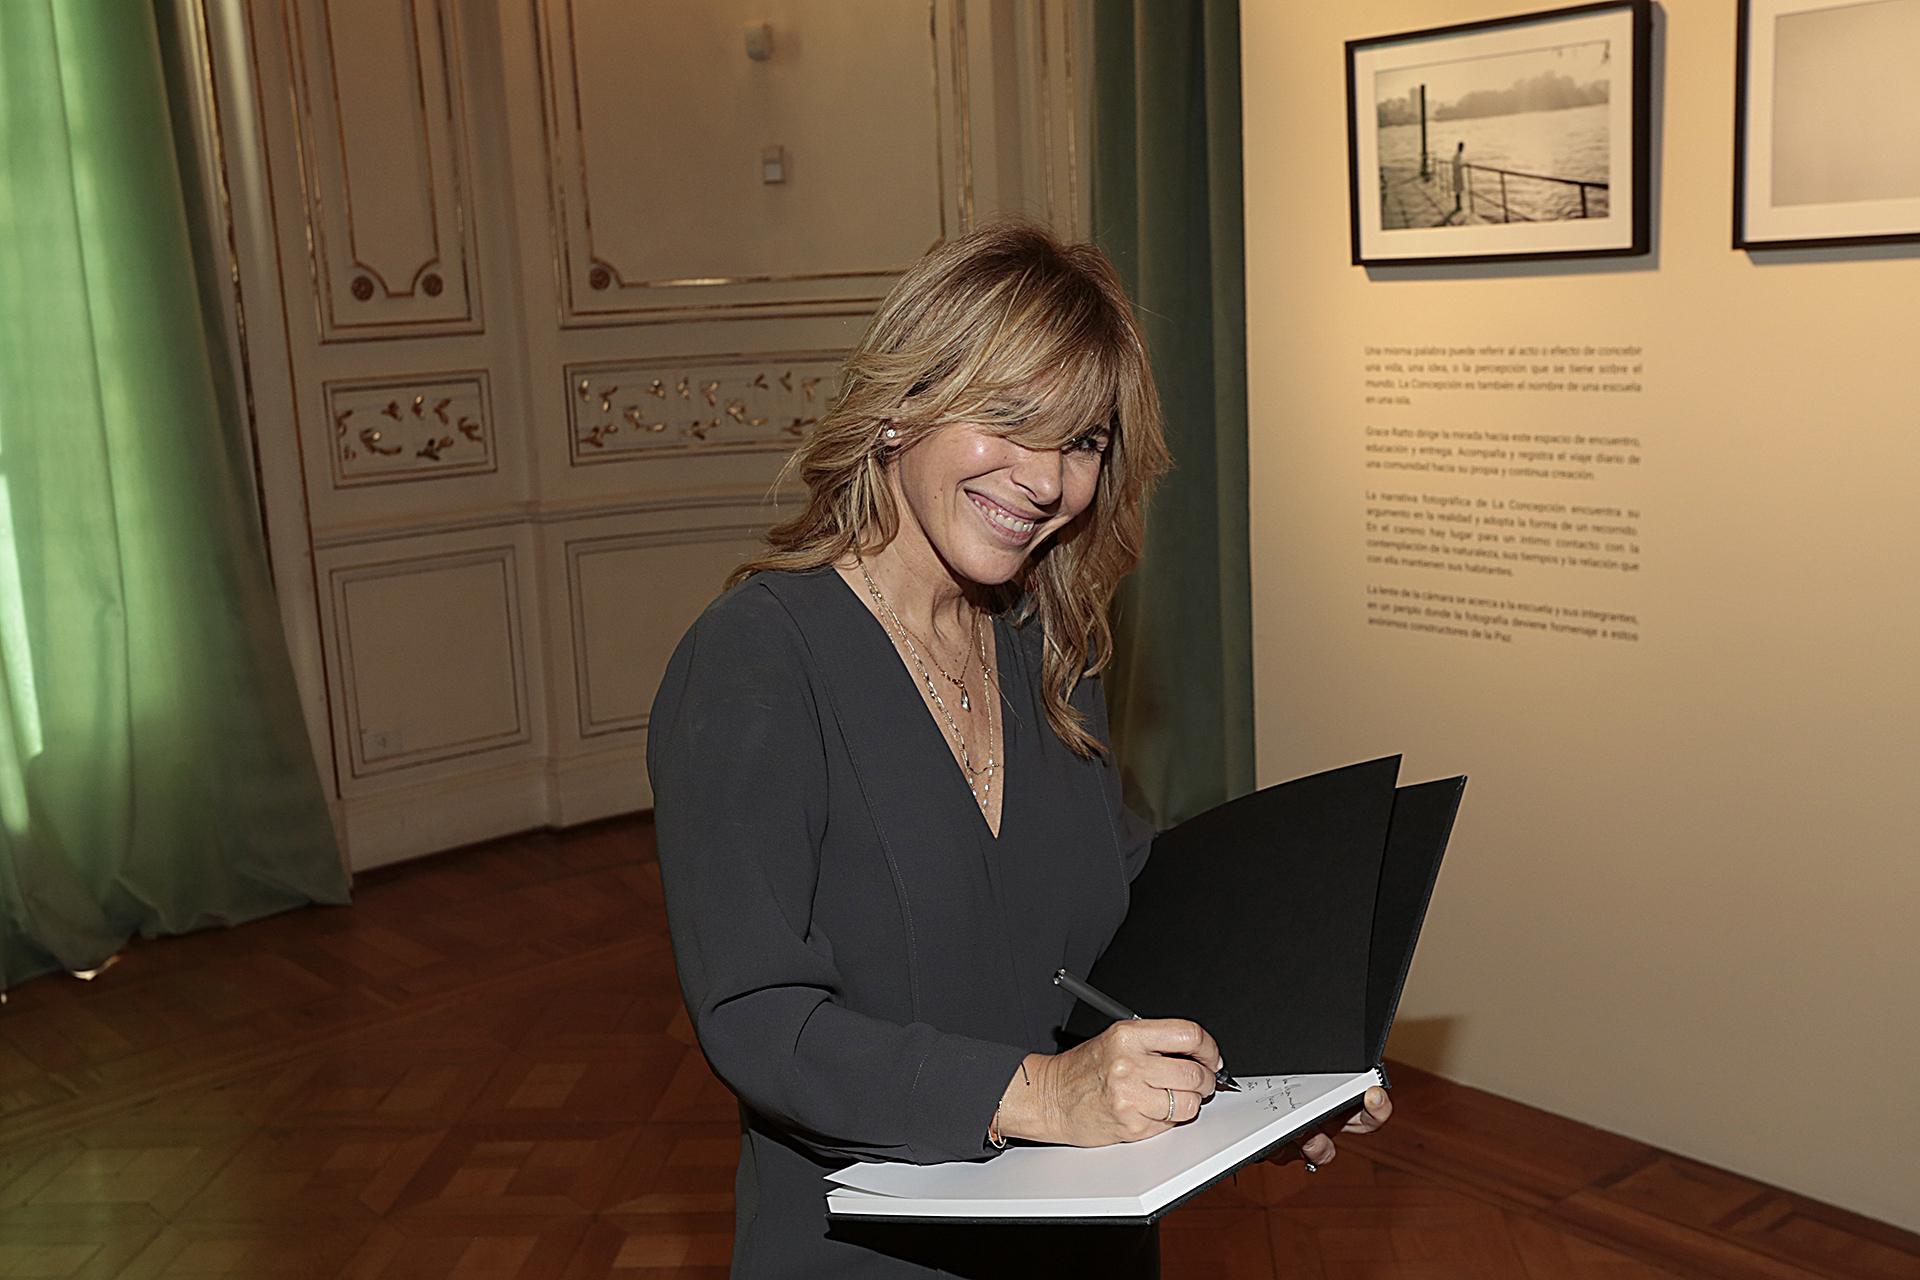 Grace Ratto firmando su libro con más de 40 imágenes en blanco y negro. Lo recaudado por la venta del libro será donado para colaborar con la escuela -La Concepción.